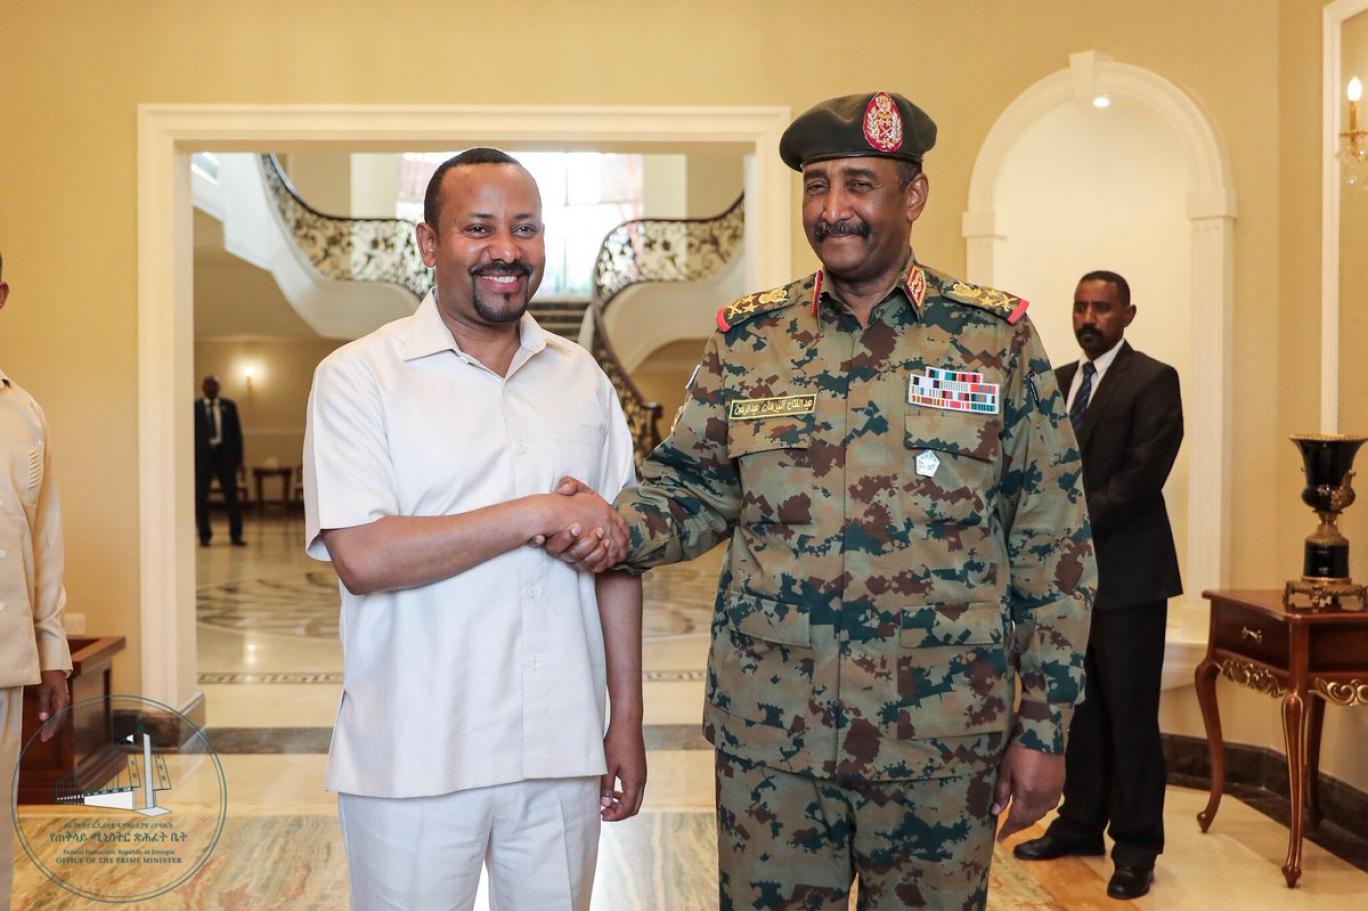 نتيجة بحث الصور عن البرهان والرئيس الأثيوبي